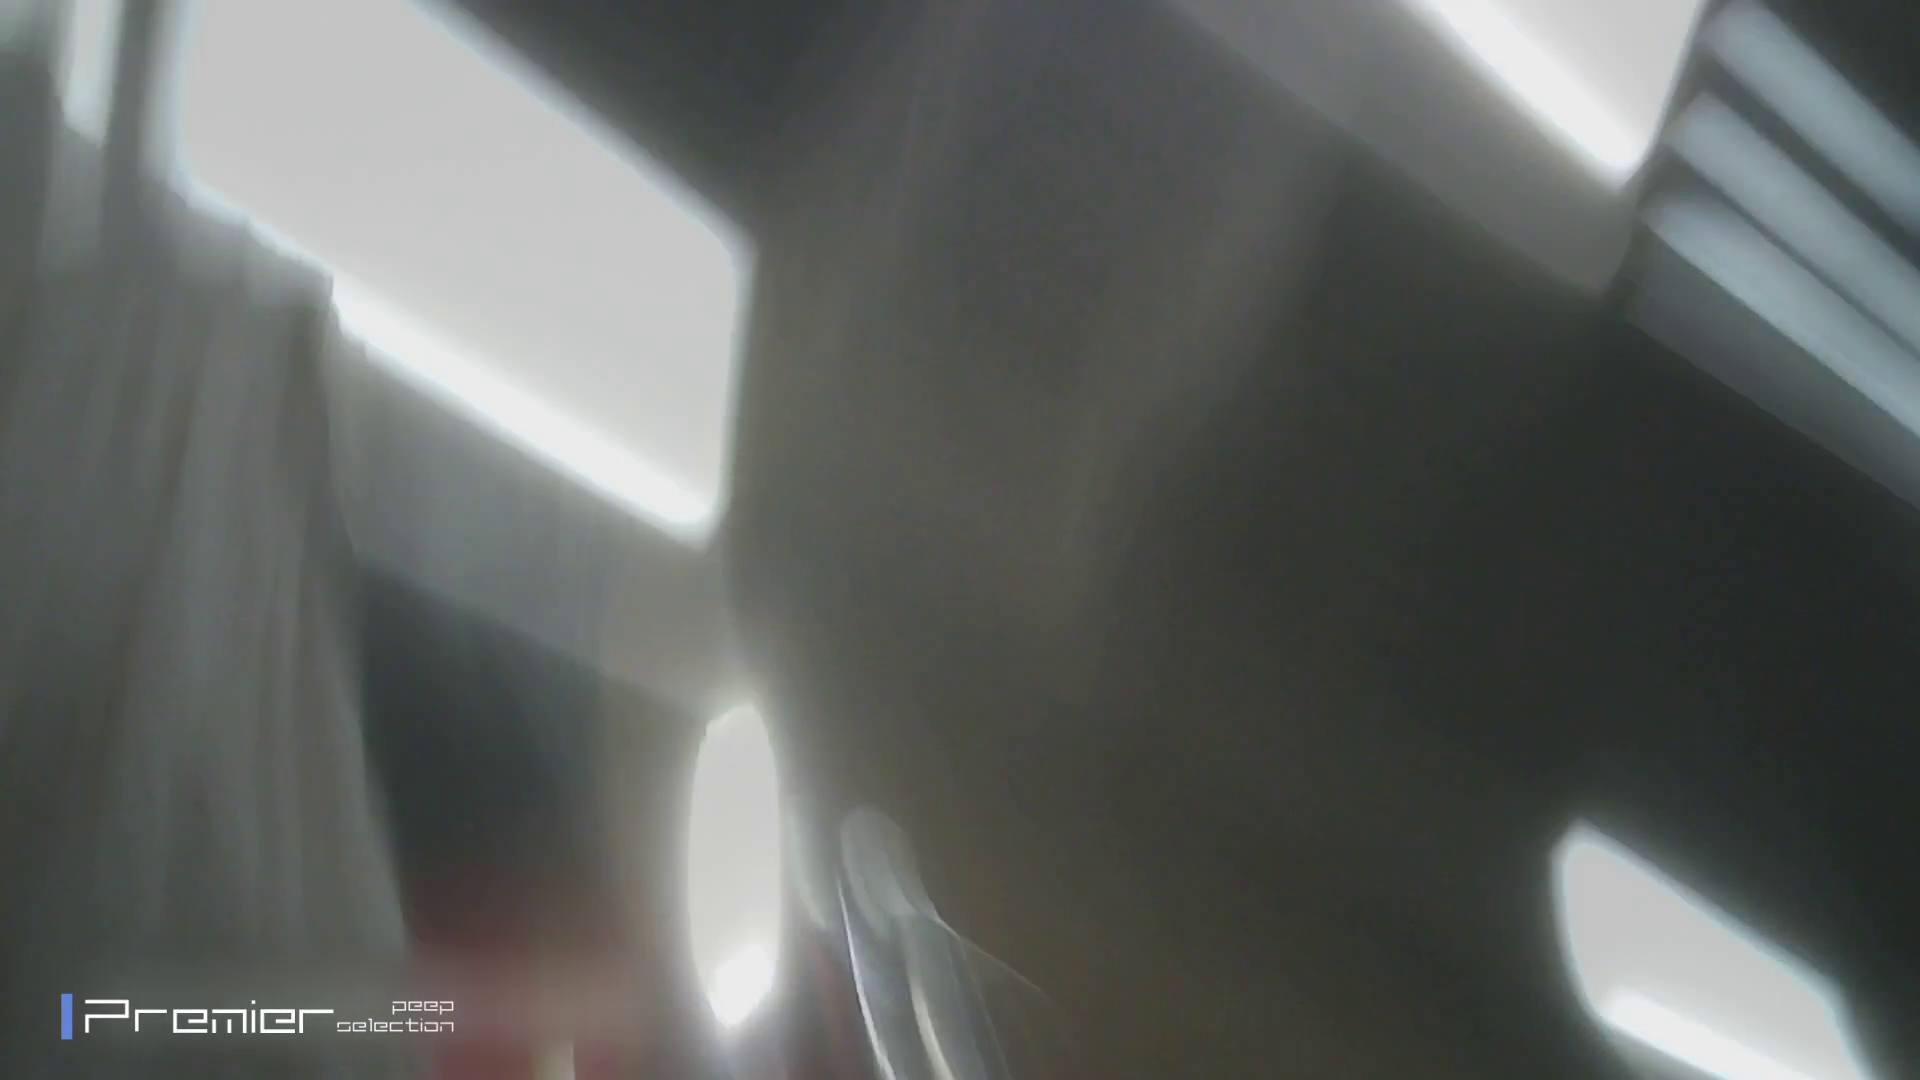 ギャルのパンチラ 美女の痴態に密着!Vol.13 ギャル  99PIX 54